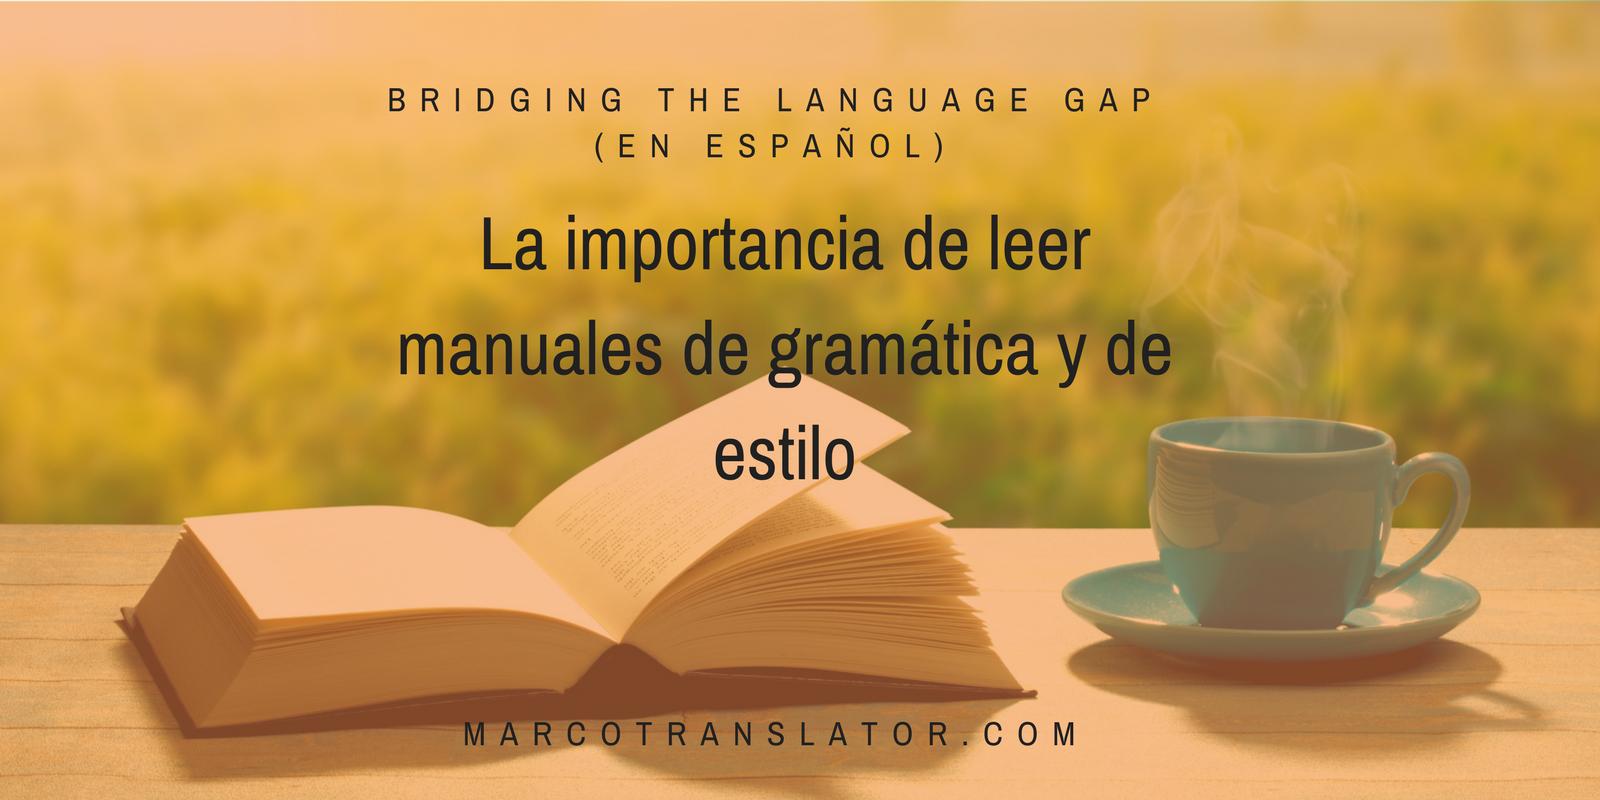 Bridging the Language Gap In Spanish 2.png